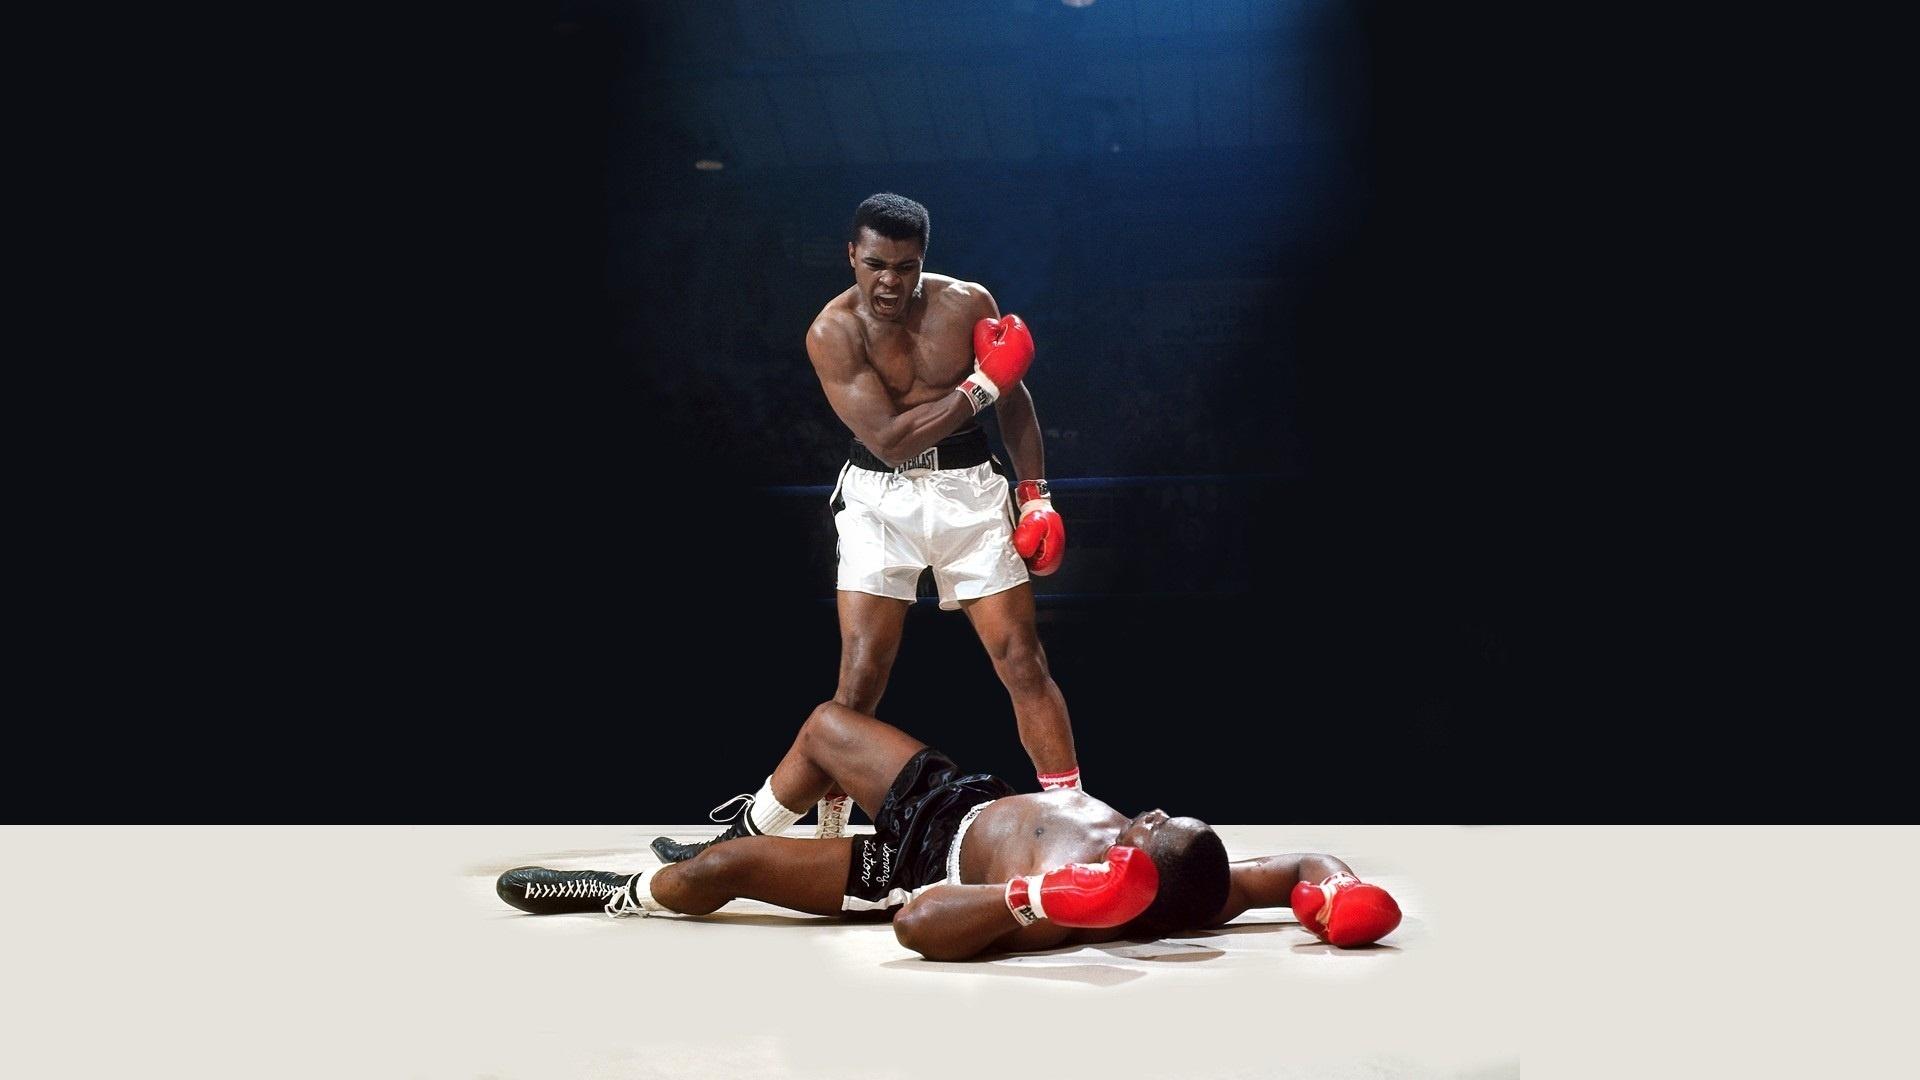 Мухаммед Али боксер. обои скачать